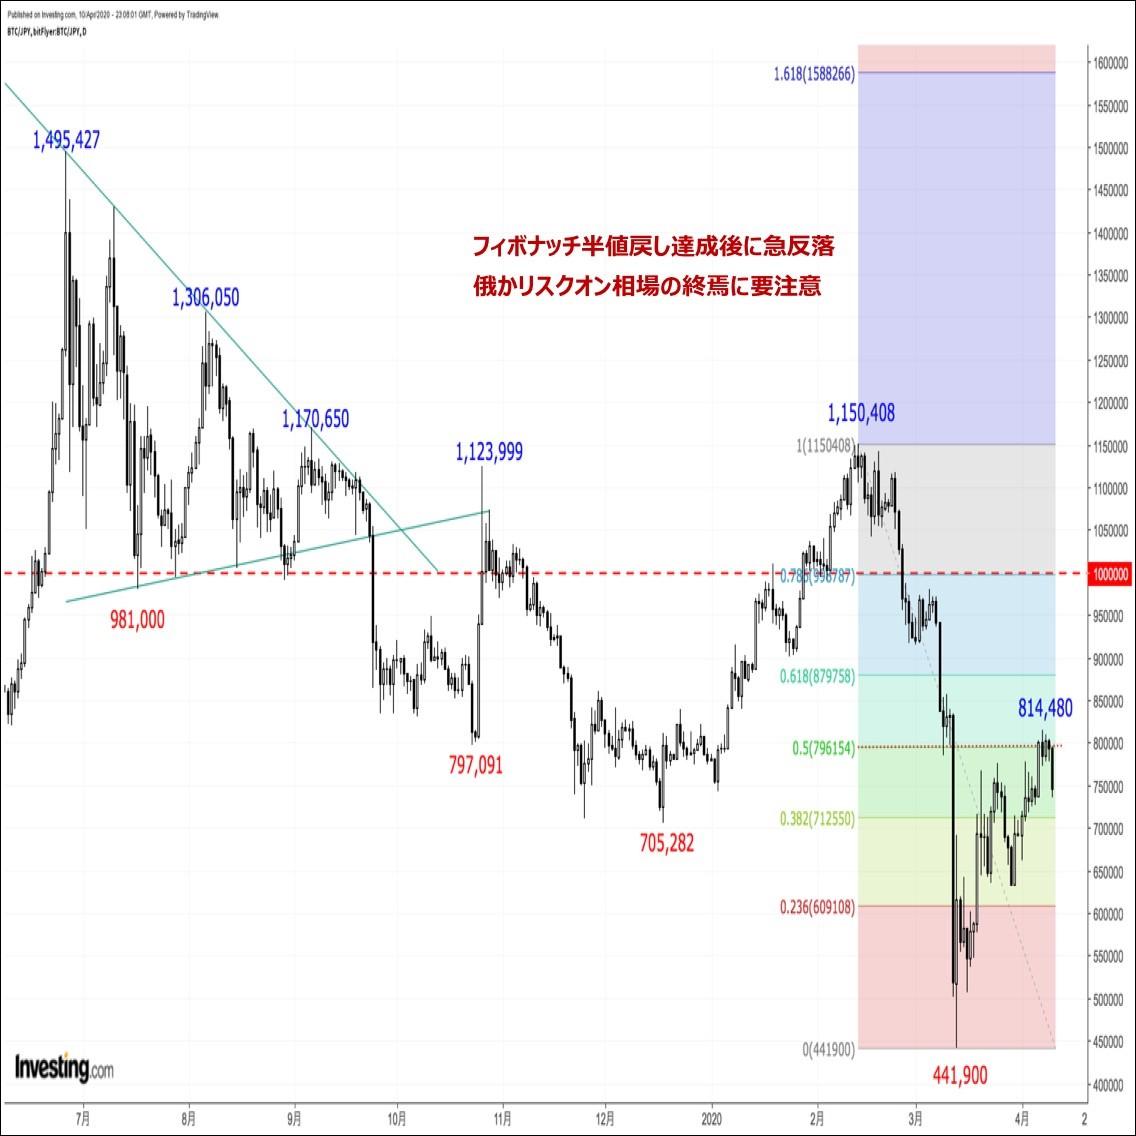 ビットコインの価格分析:『フィボナッチ半値戻し達成後に急反落。一目雲上限トライ失敗も重石に』